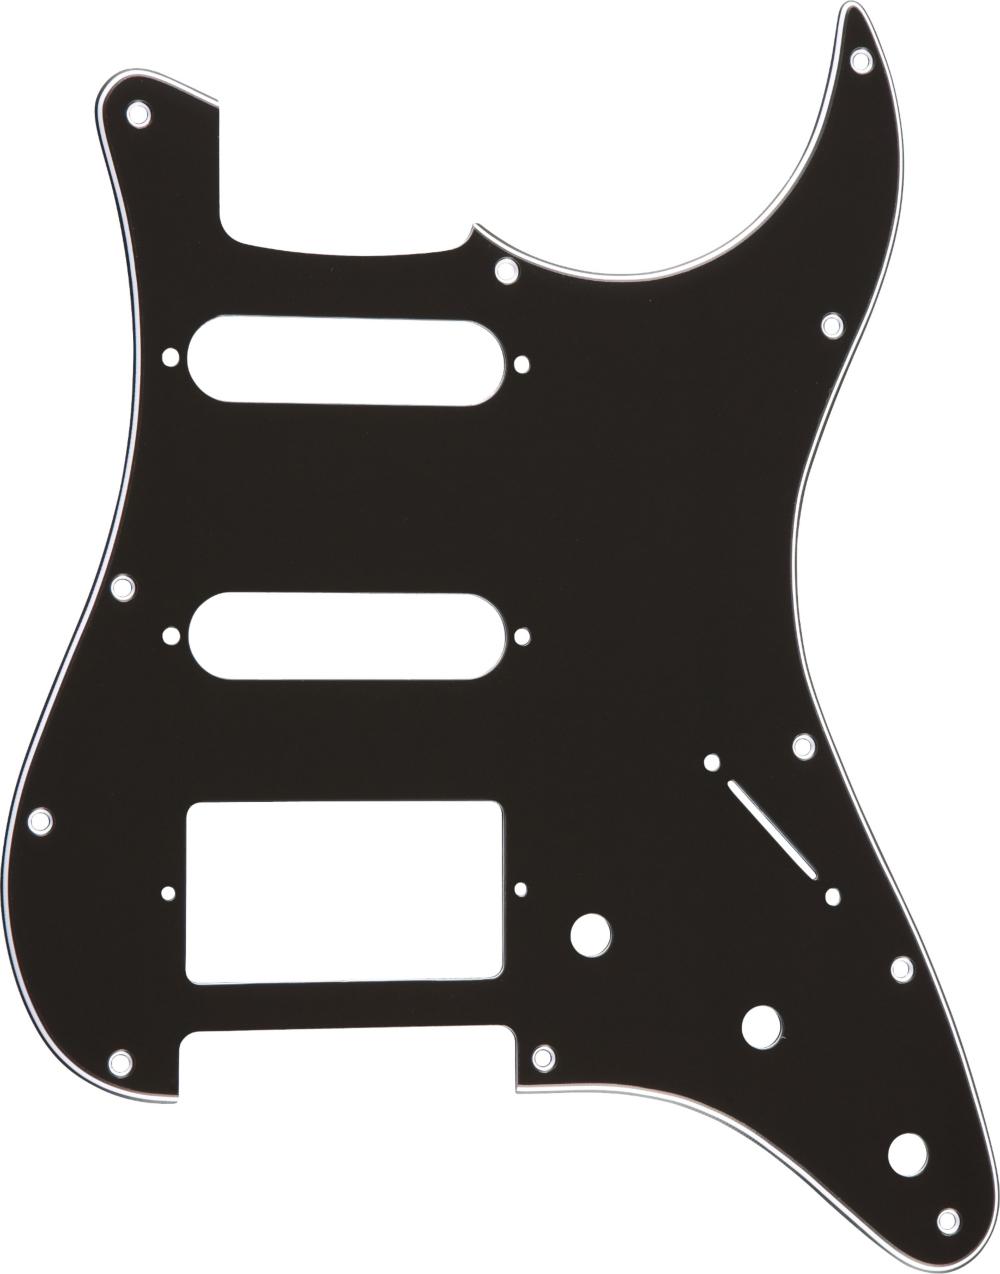 Proline S-Style Hum-Single-Single 3-Ply Pickguard Black by Proline